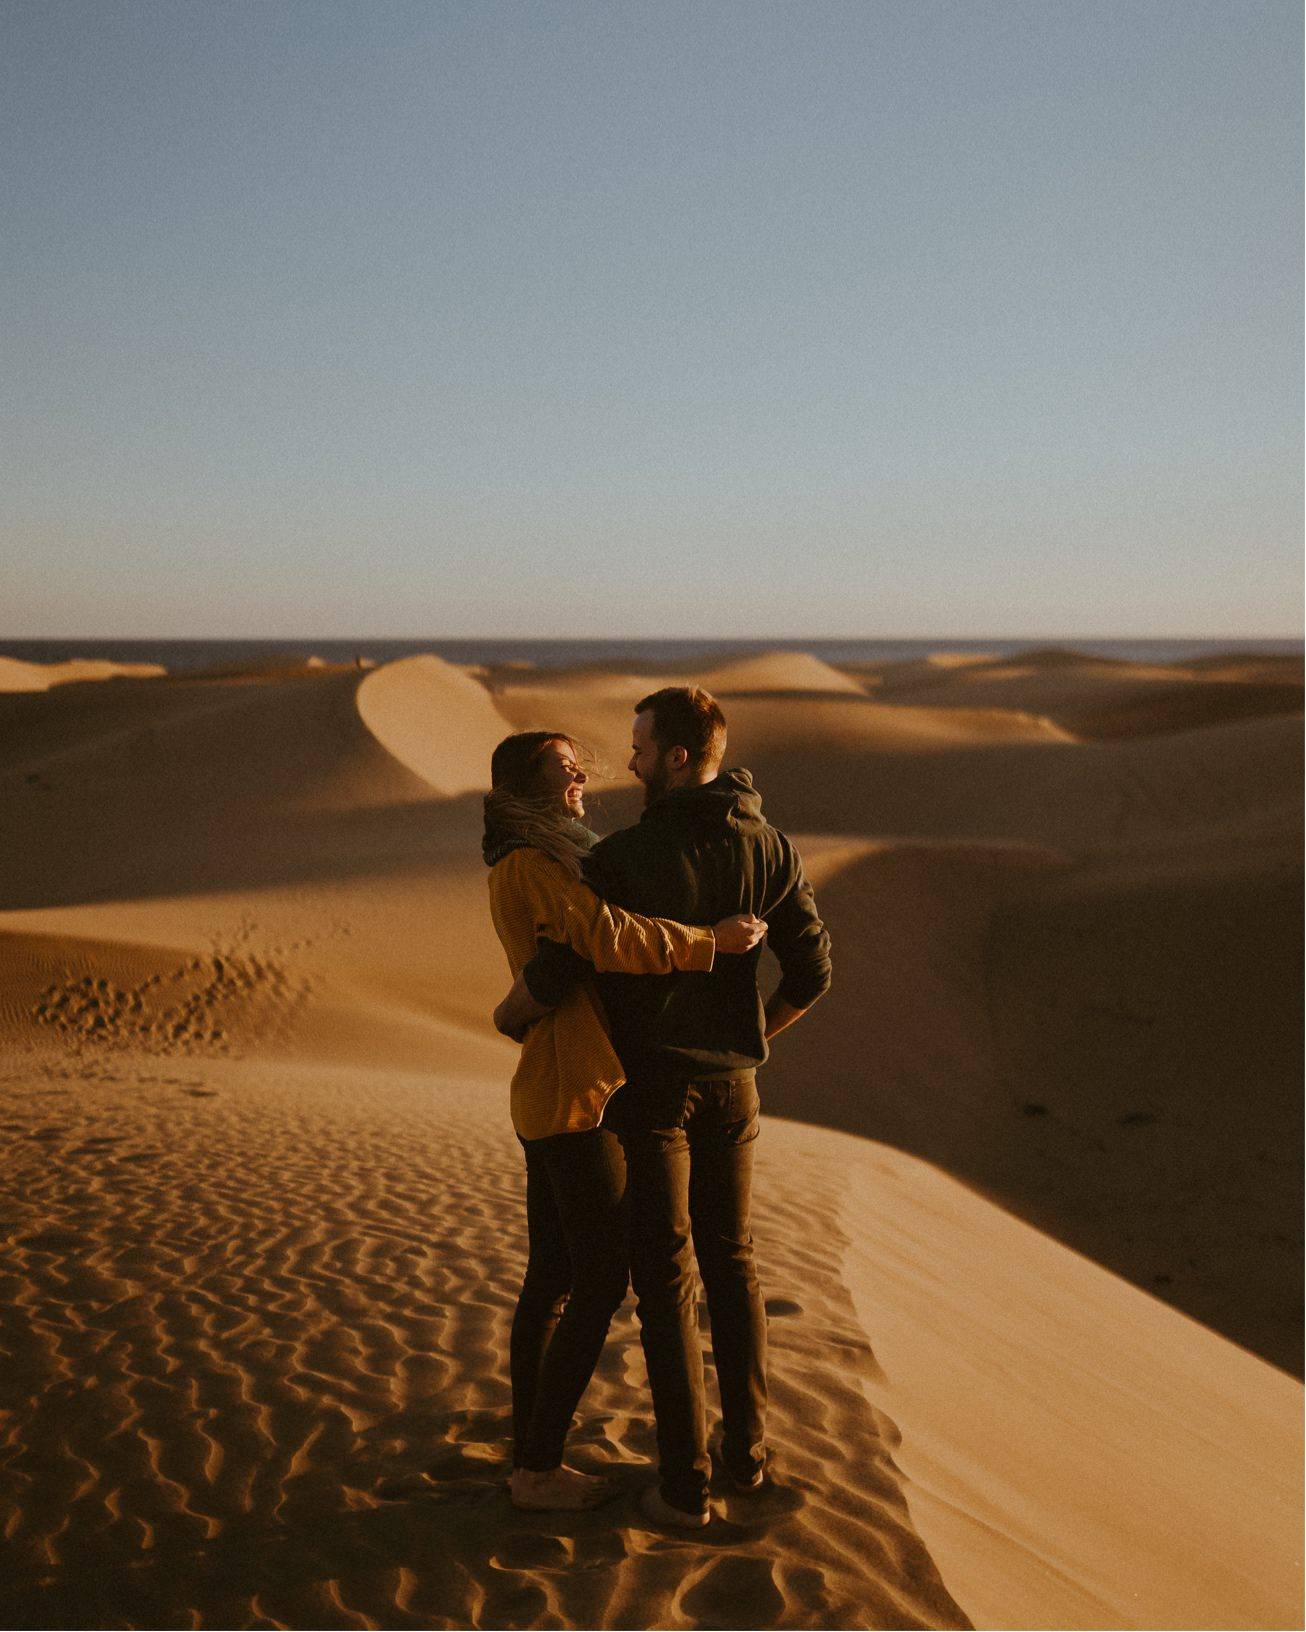 Spain Canary Islands Wedding couple photographer 3